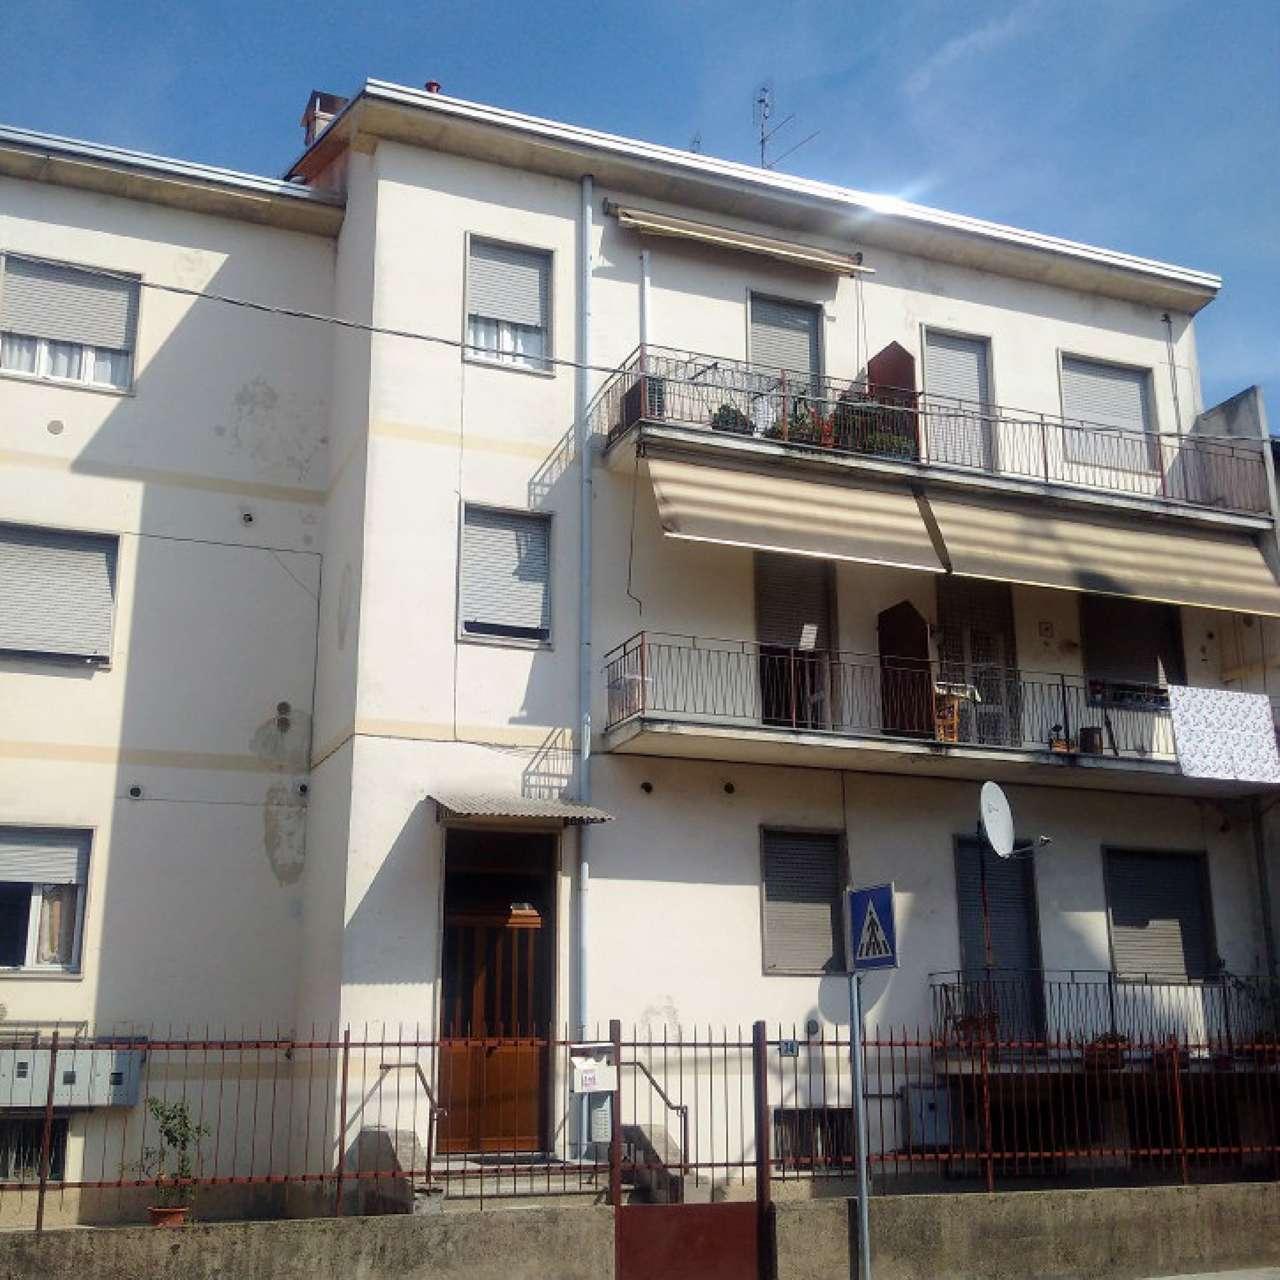 Palazzo / Stabile in affitto a Gorla Minore, 14 locali, prezzo € 677.000 | CambioCasa.it